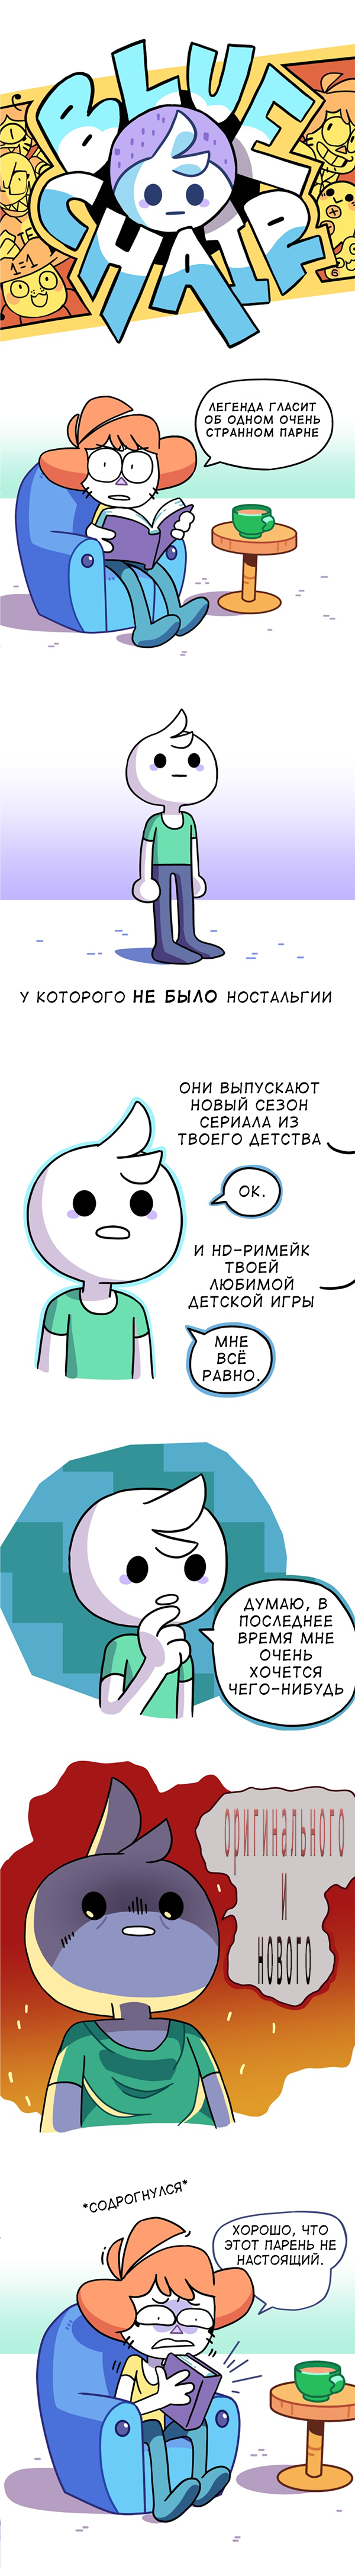 Ностальгия